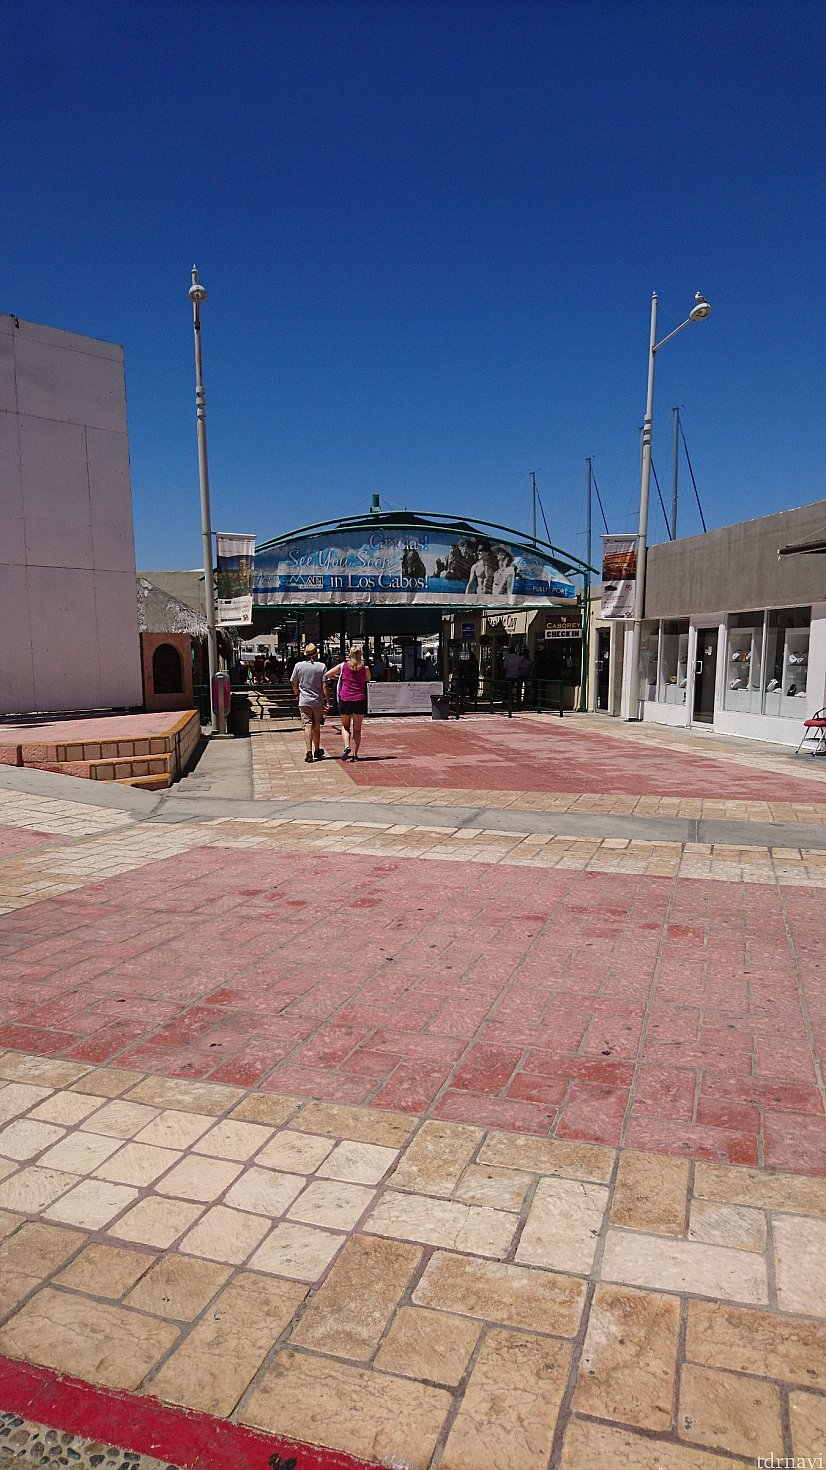 1番大きな船着き場に着きました。ここを背に右折するとショッピングモールなどがあります。